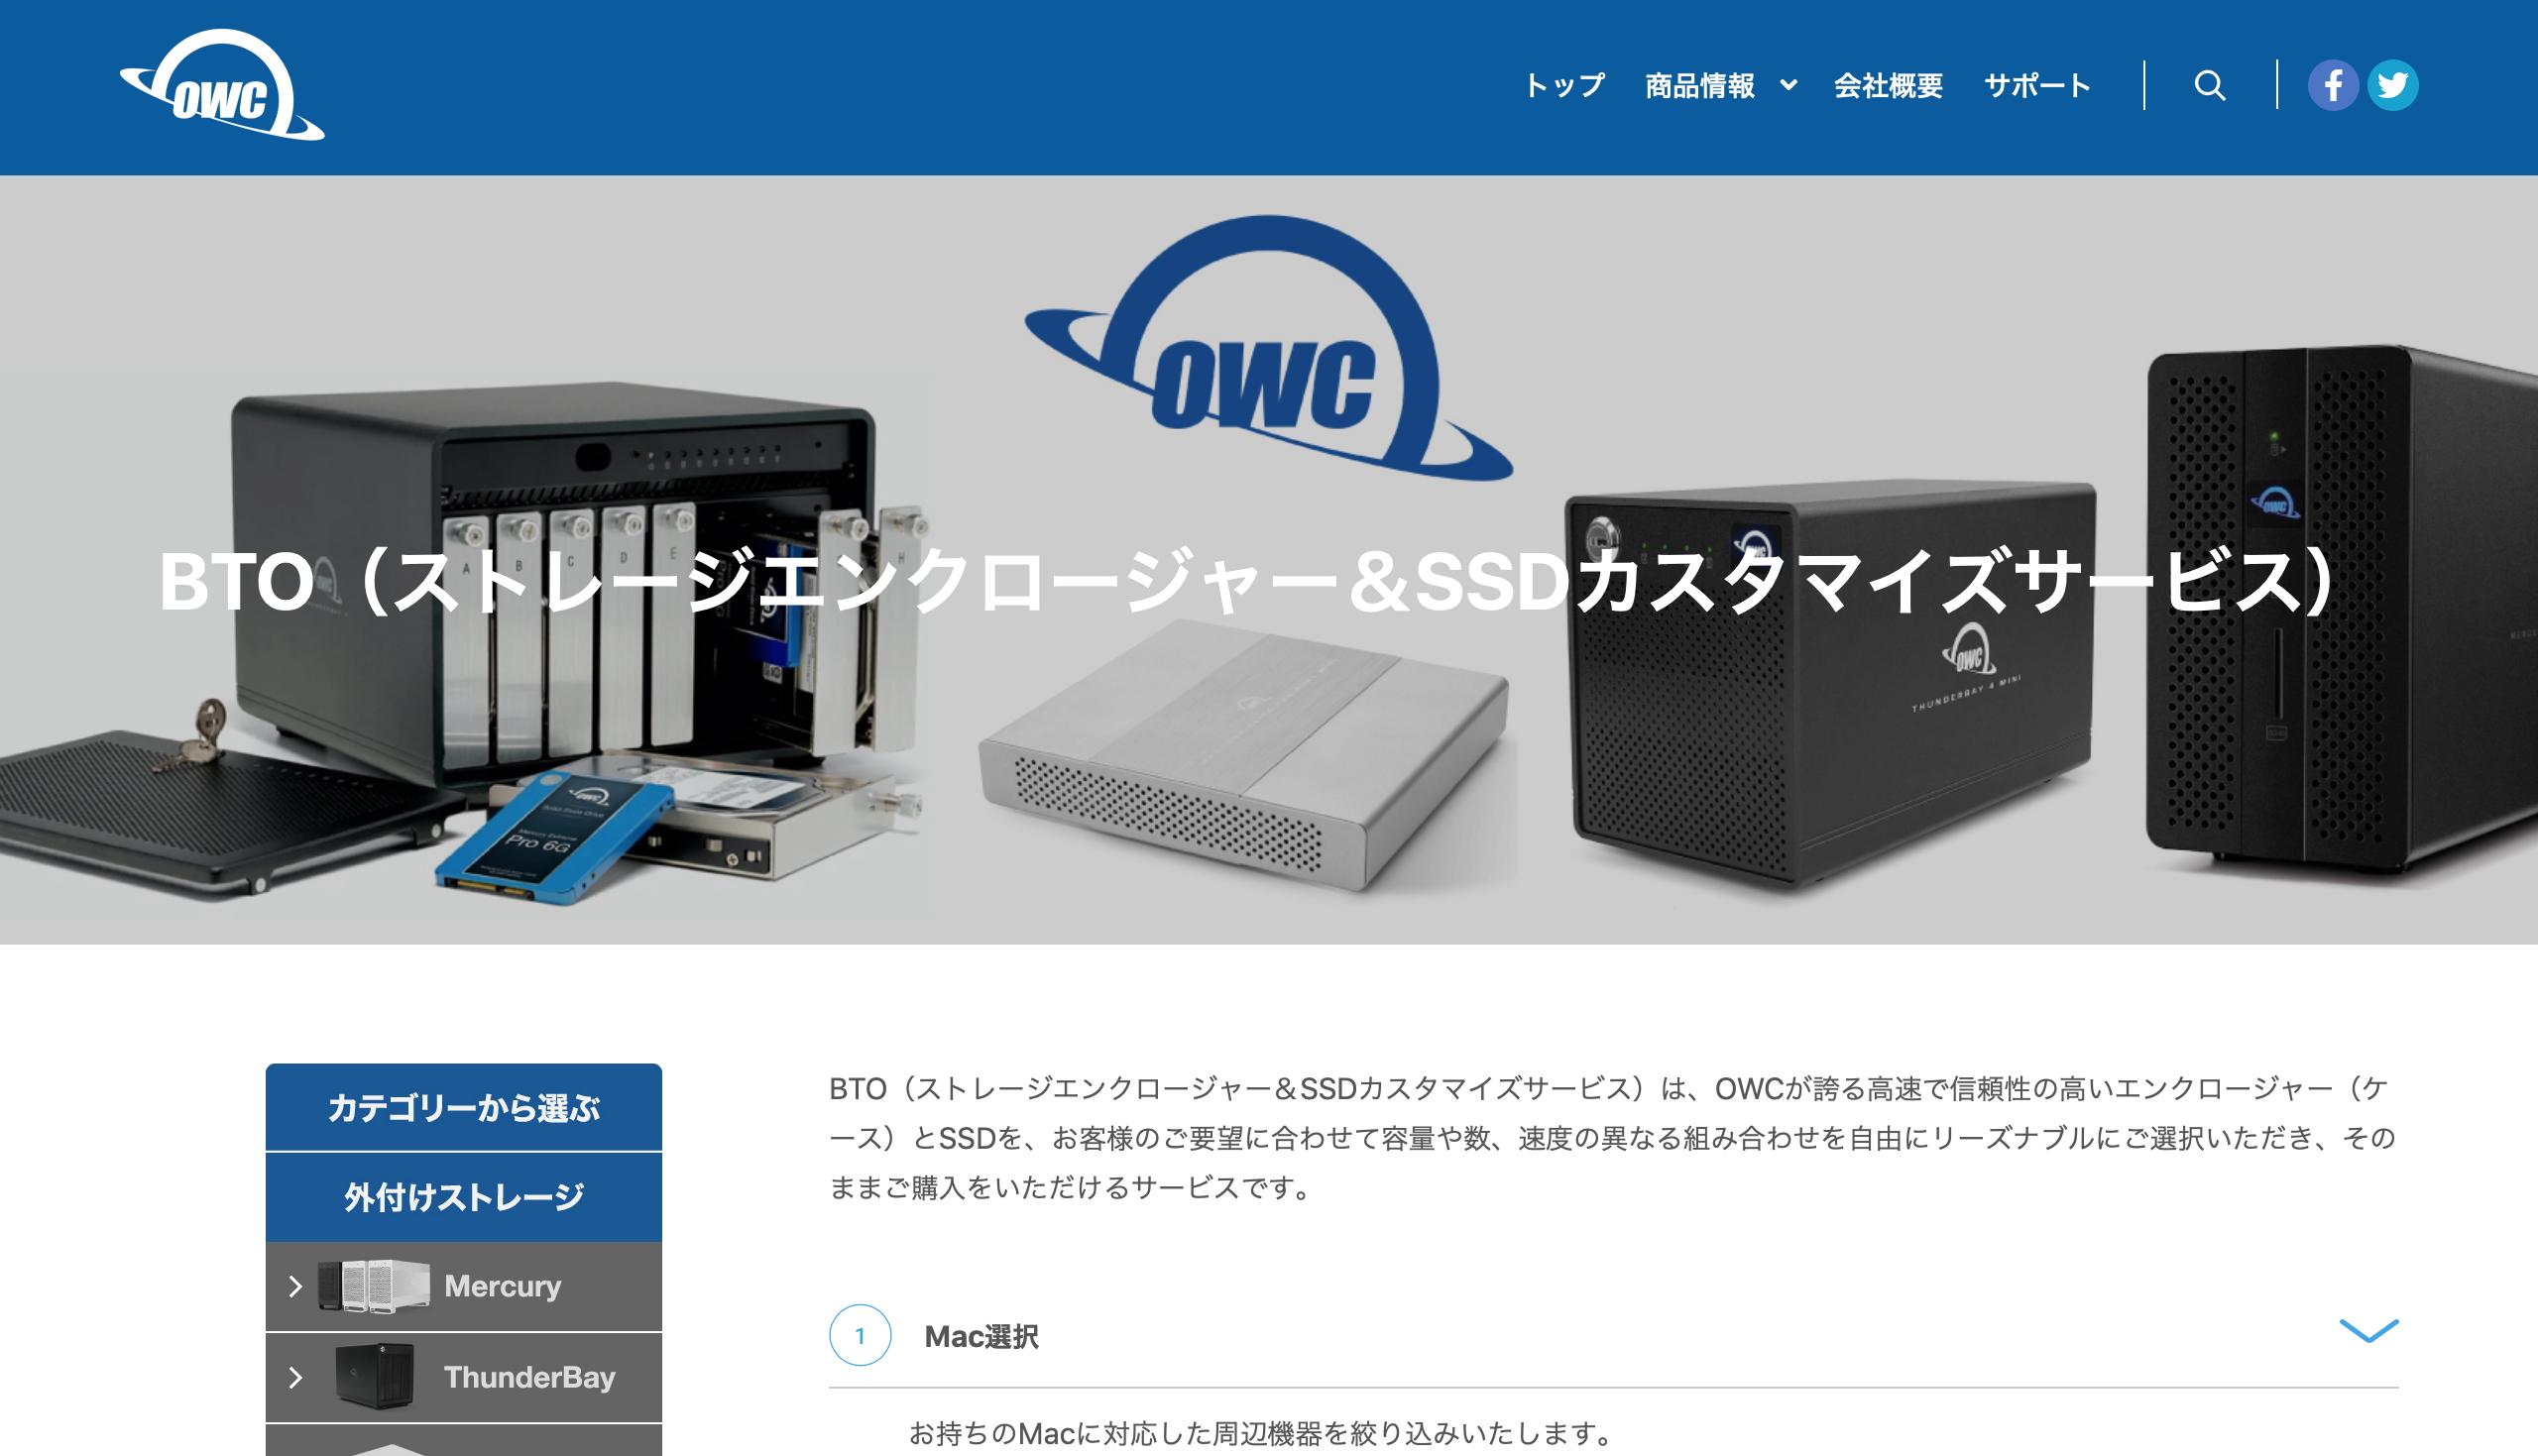 OWC_BTO